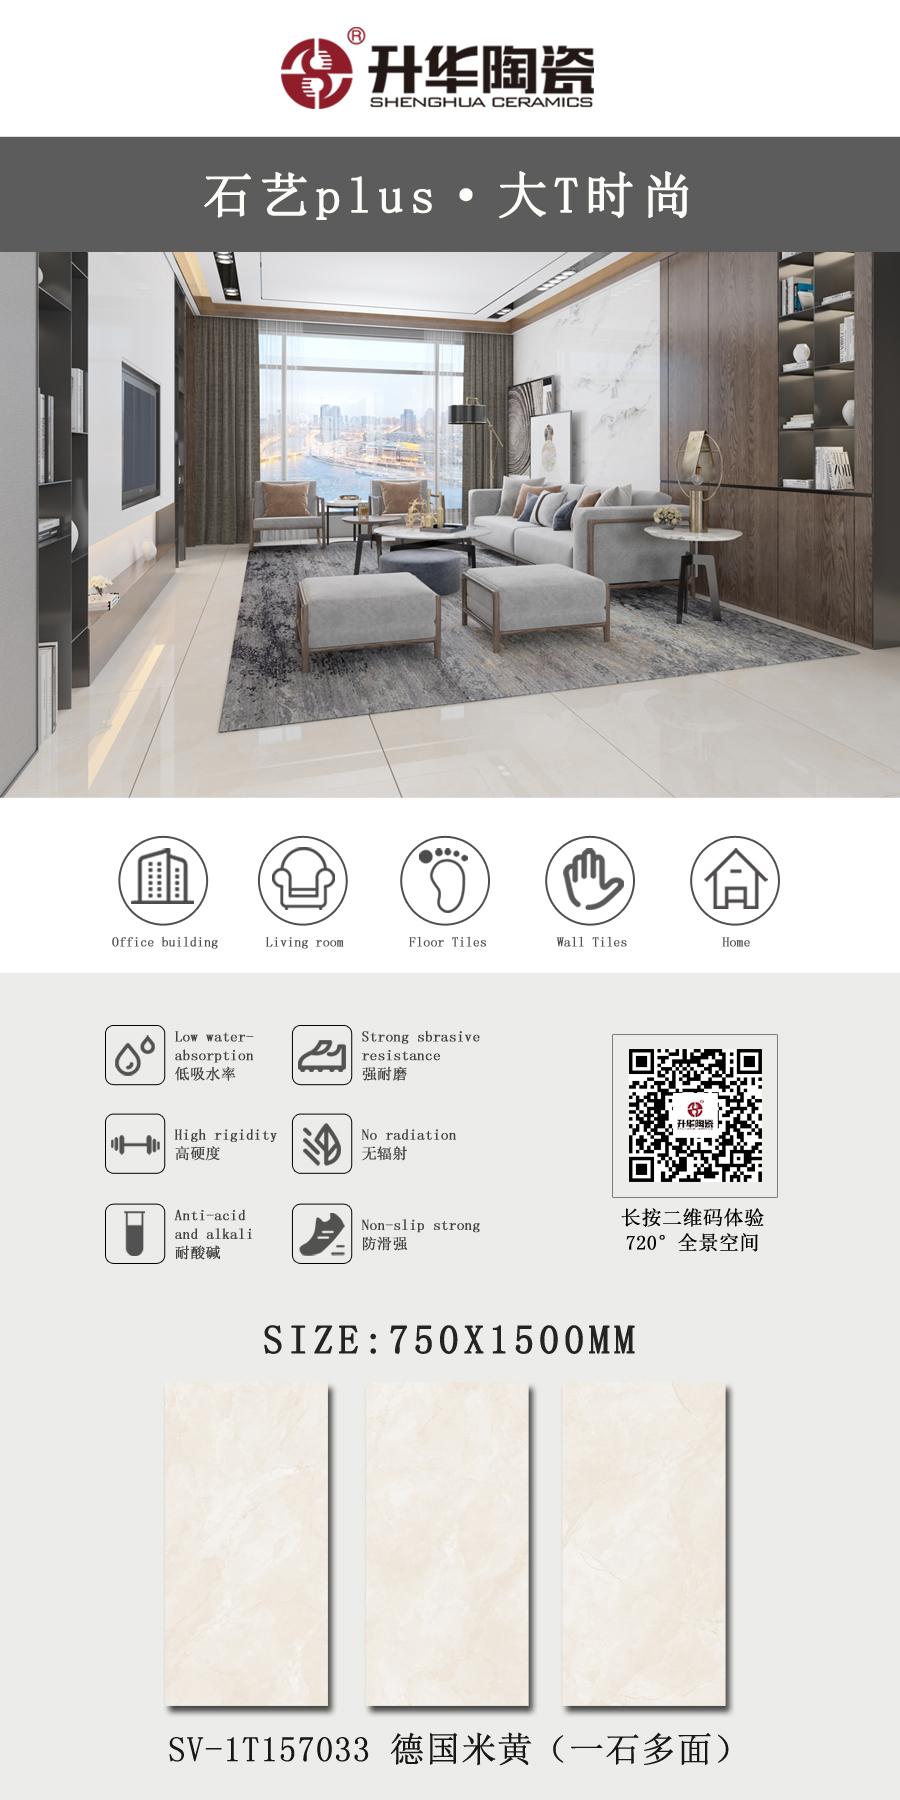 升华陶瓷石艺plus·大T时尚750x1500mm通体大理石瓷砖,大无界,美无限!